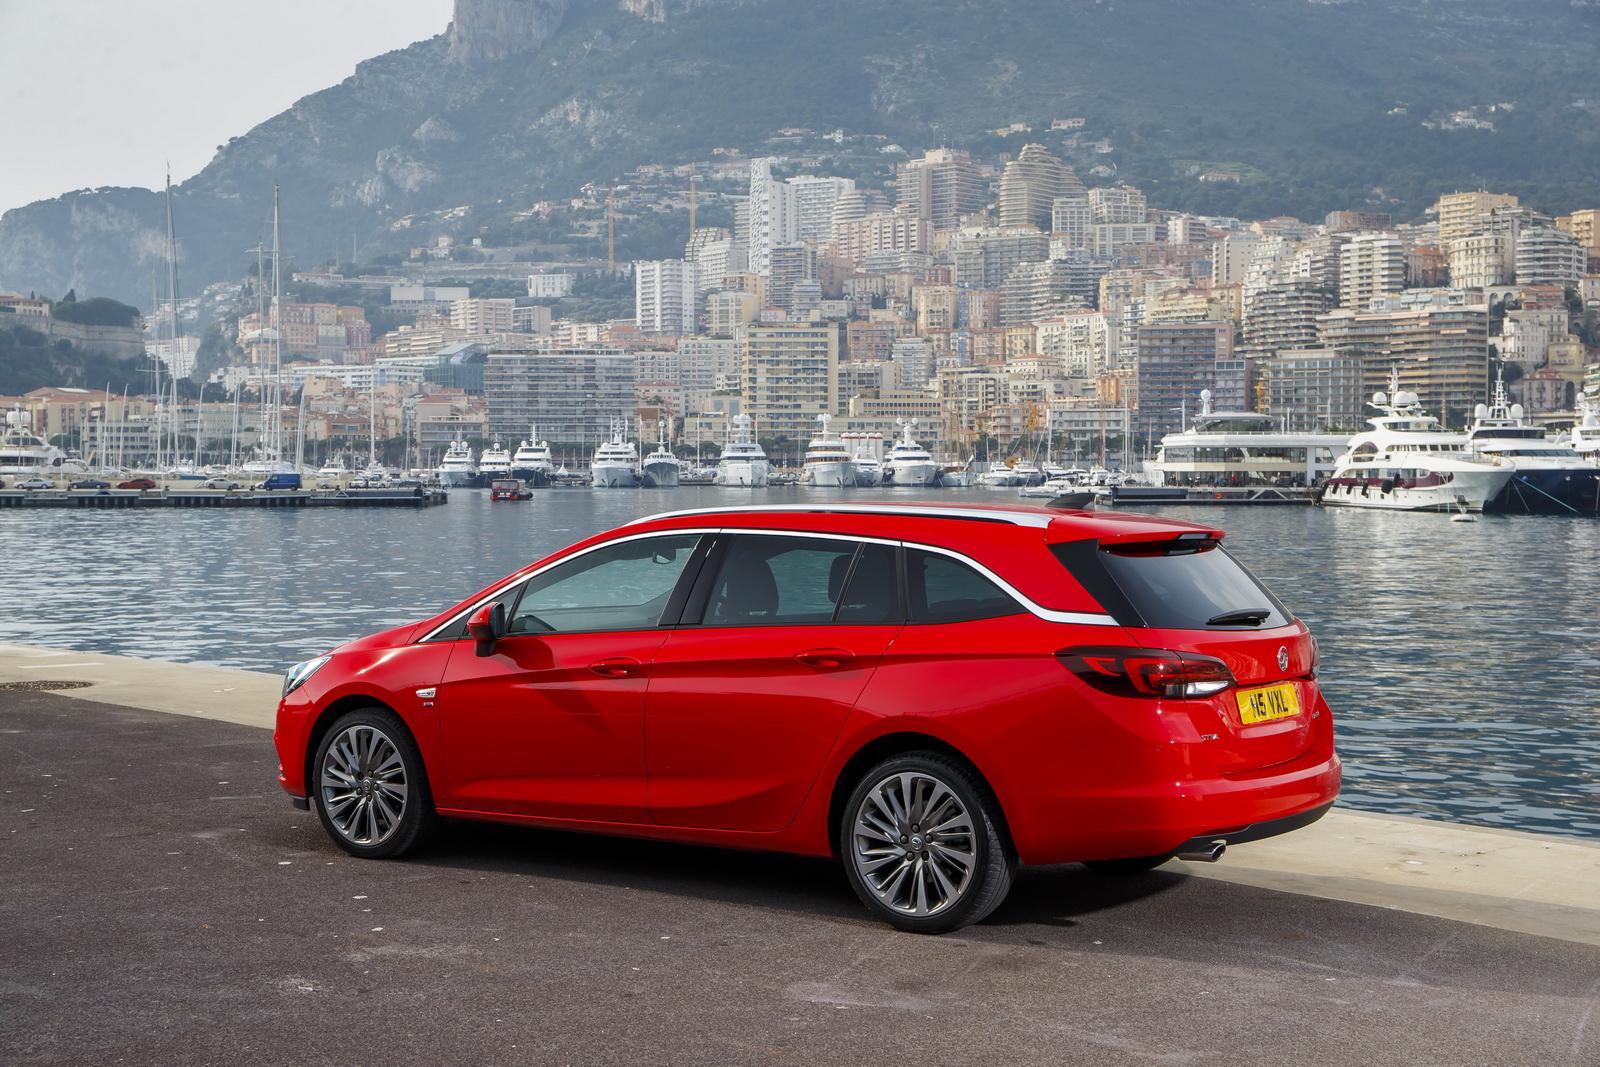 Vauxhall Astra Sports Tourer 2016 là một chiếc wagon có thiết kế ấn tượng